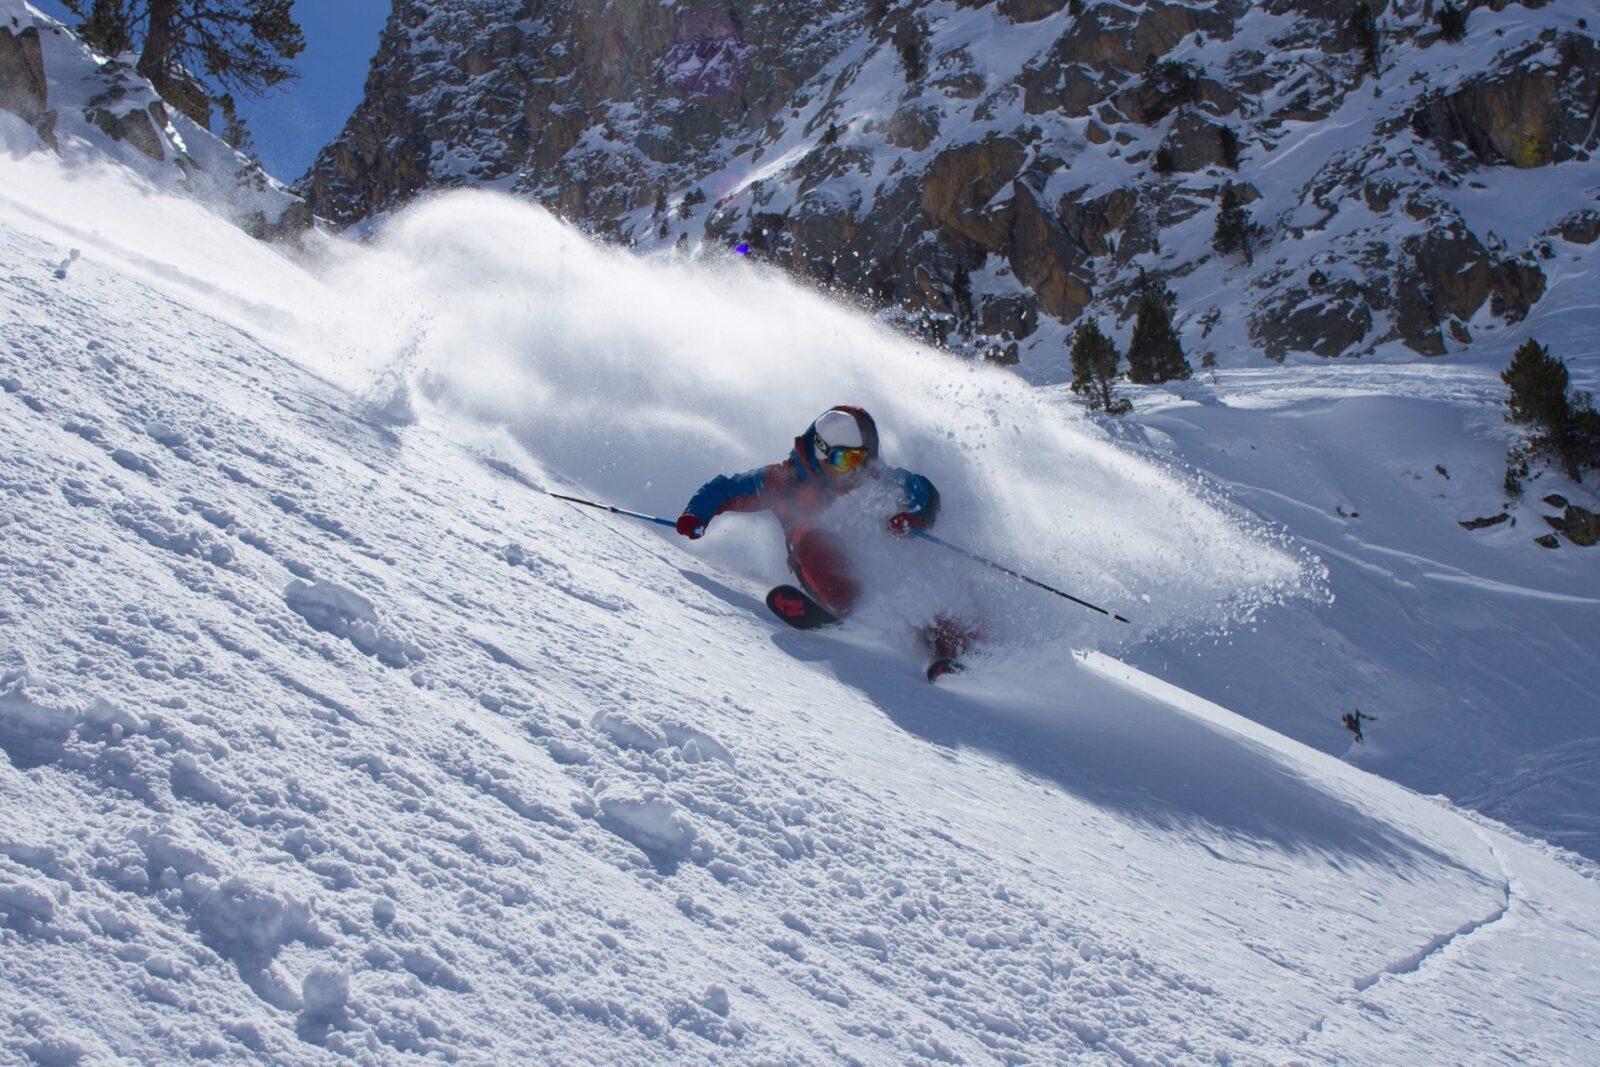 Pruebas de acceso esquí o snowboard - freeride 3